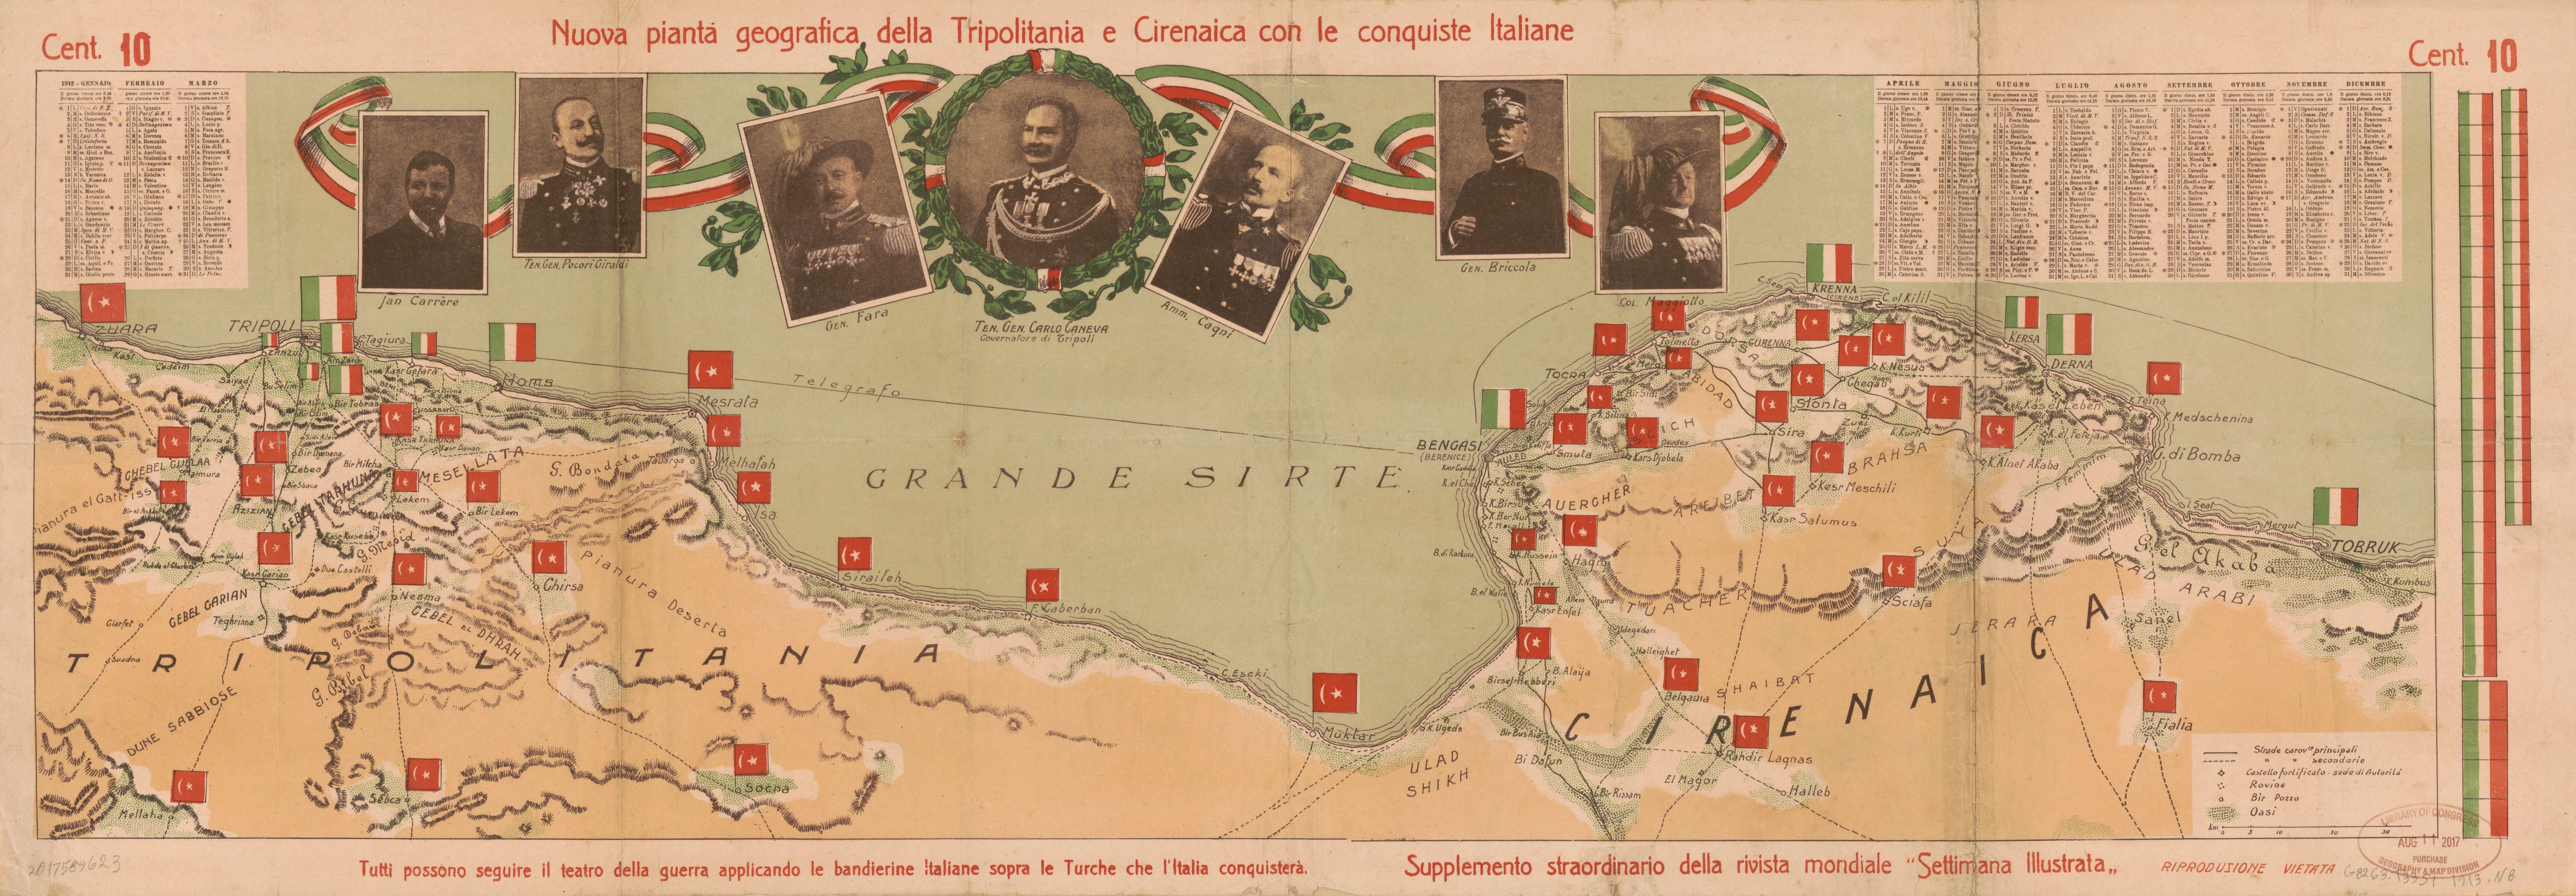 vanha italialainen kartta Pohjois-Afrikan rannikosta.